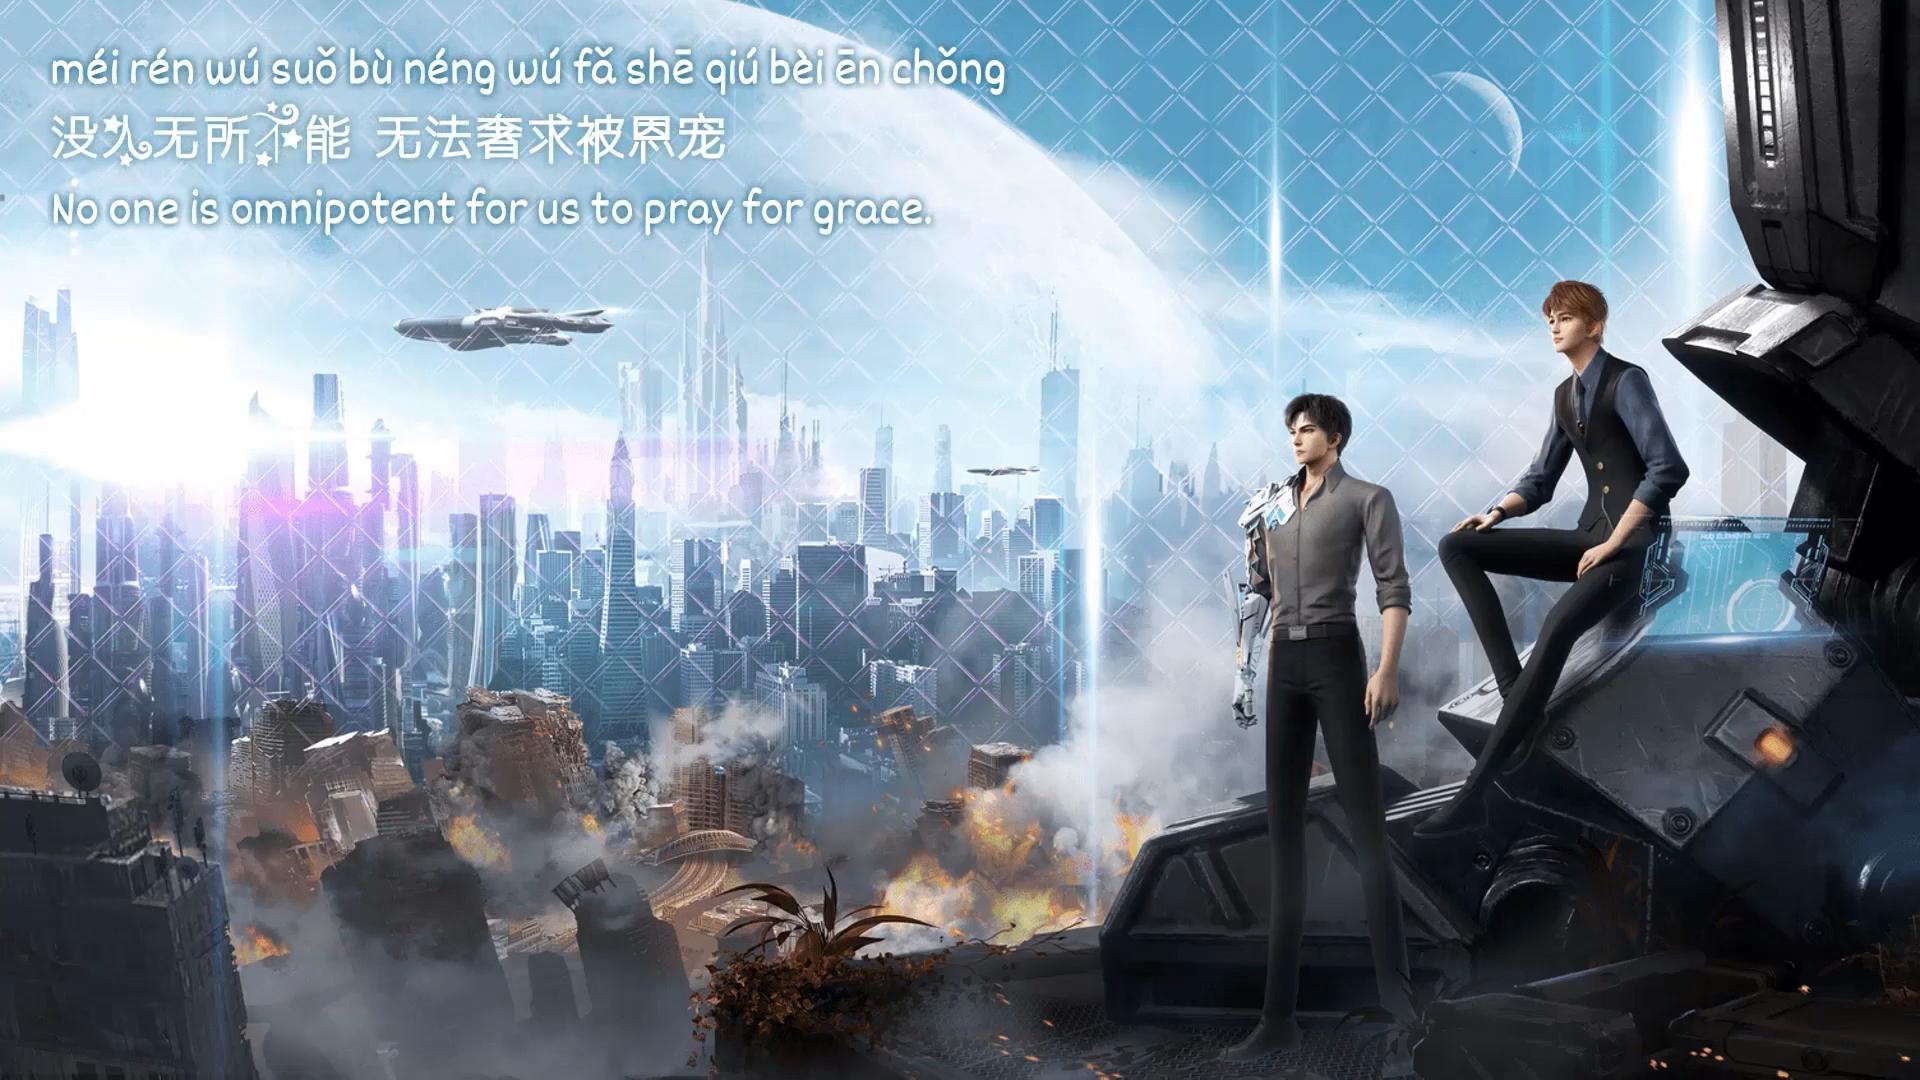 Can Ci Pin Fangzhu Xingkong - The Defective episode 01 english sub